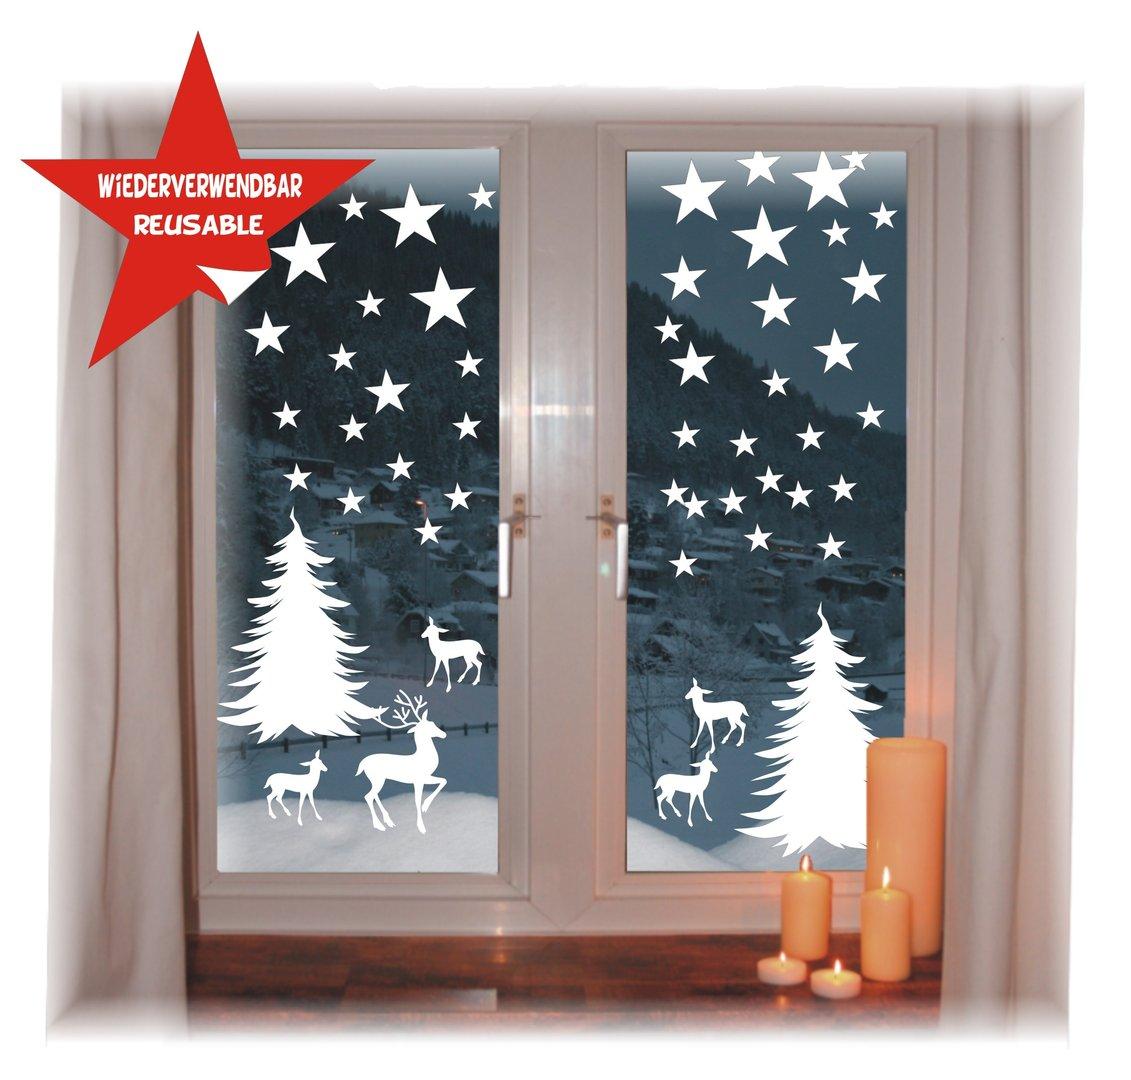 Fensterbild weihnachten wintersterne wiederverwendbar - Fensterdeko weihnachten kinder ...